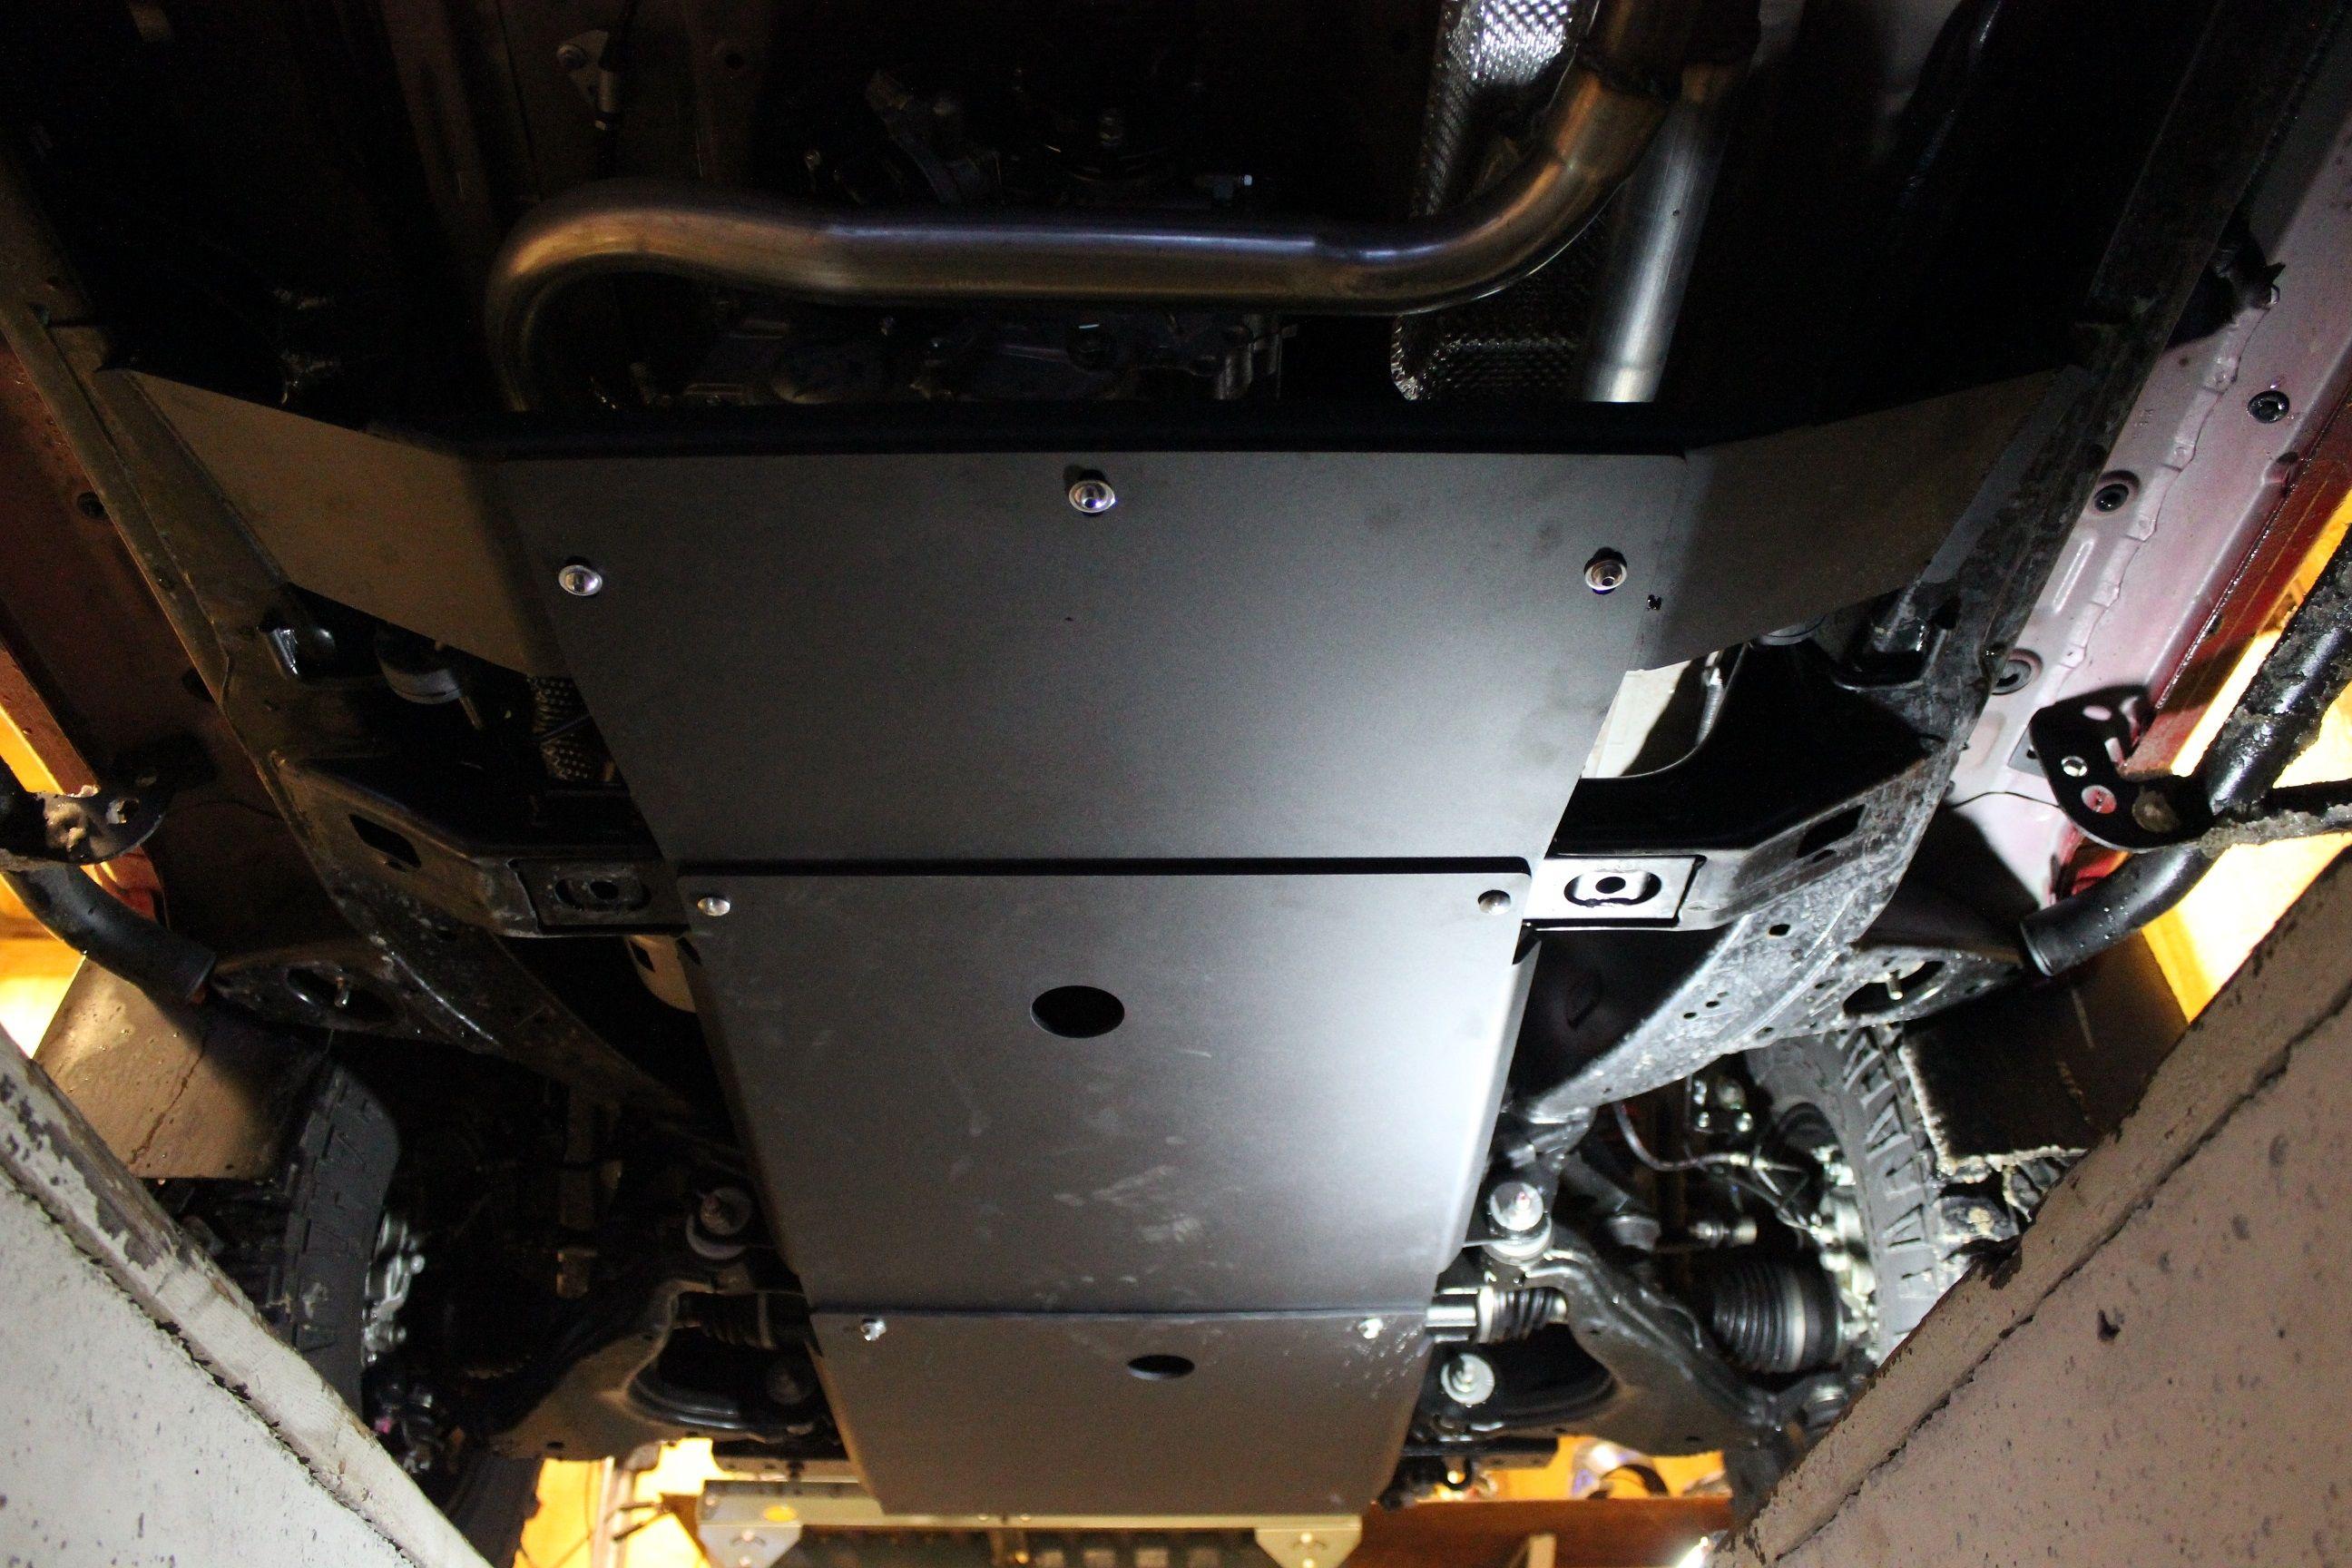 Rci Metalworks 05 15 Tacoma Fuel Tank Skid Plate Taco 05 13 04 185 00 Tacoma Toyota Tacoma Tacoma Mods